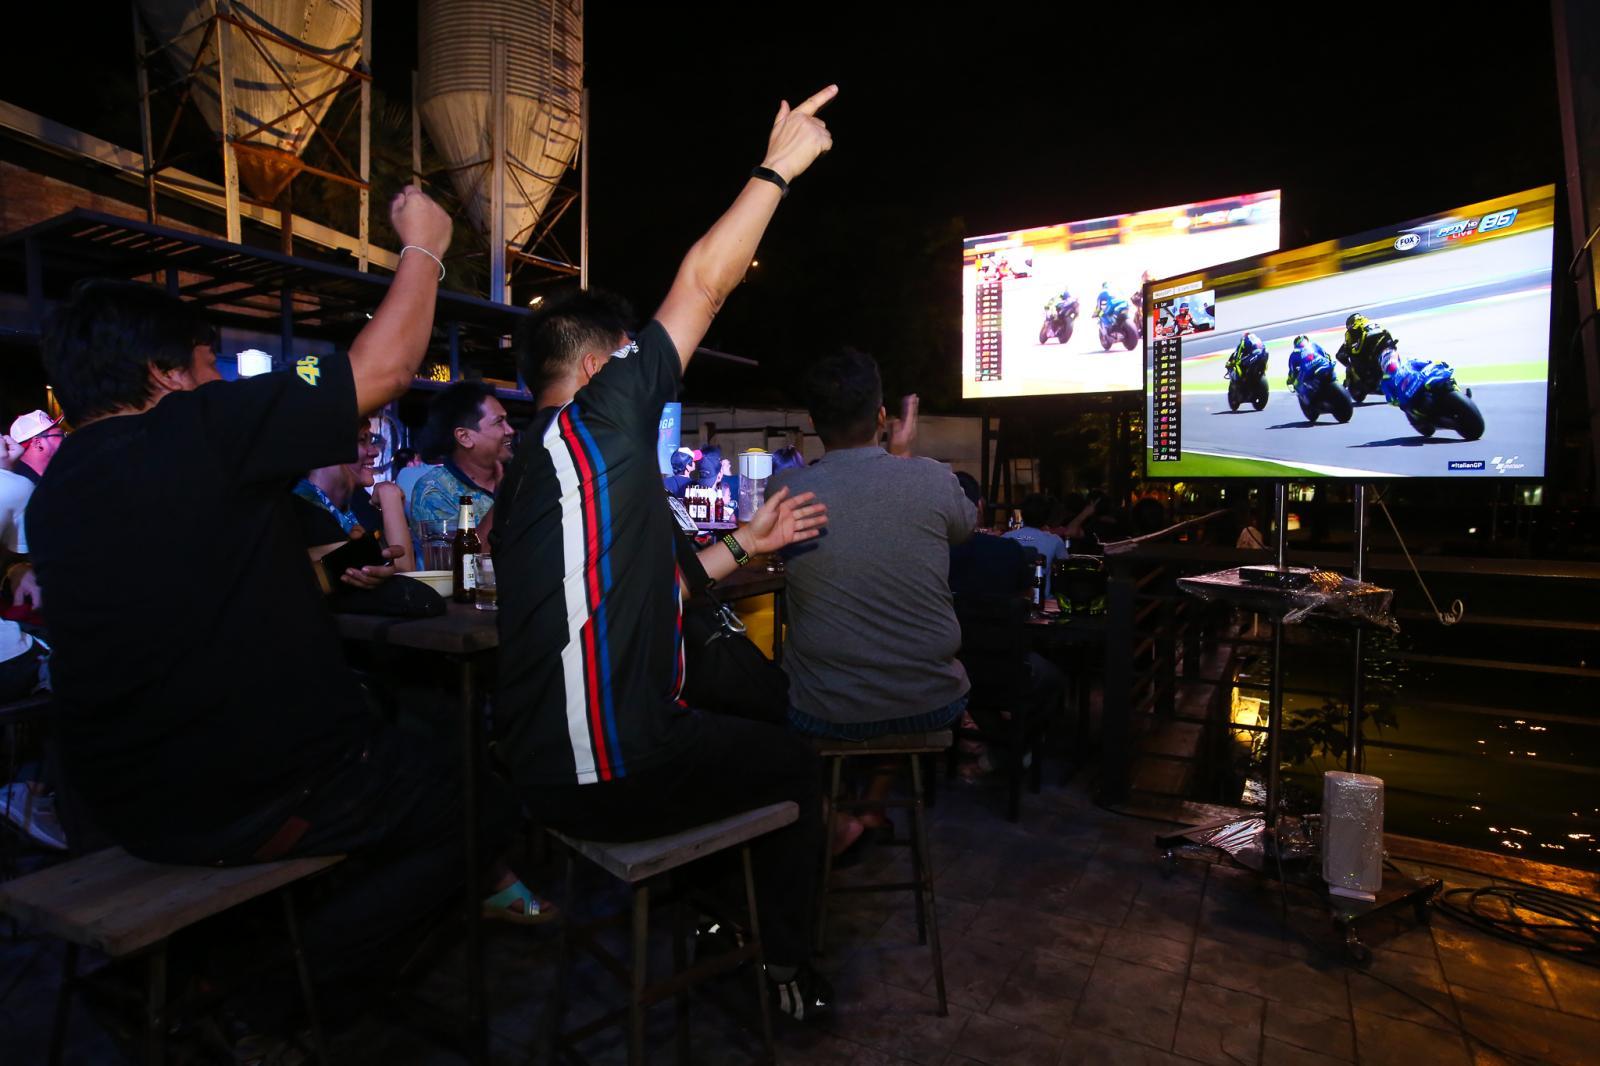 """""""พีพีทีวี"""" ชวนแฟนโมโตจีพี ร่วมงานเปิดจอชมสด 4 สนามแข่งระดับโลก"""